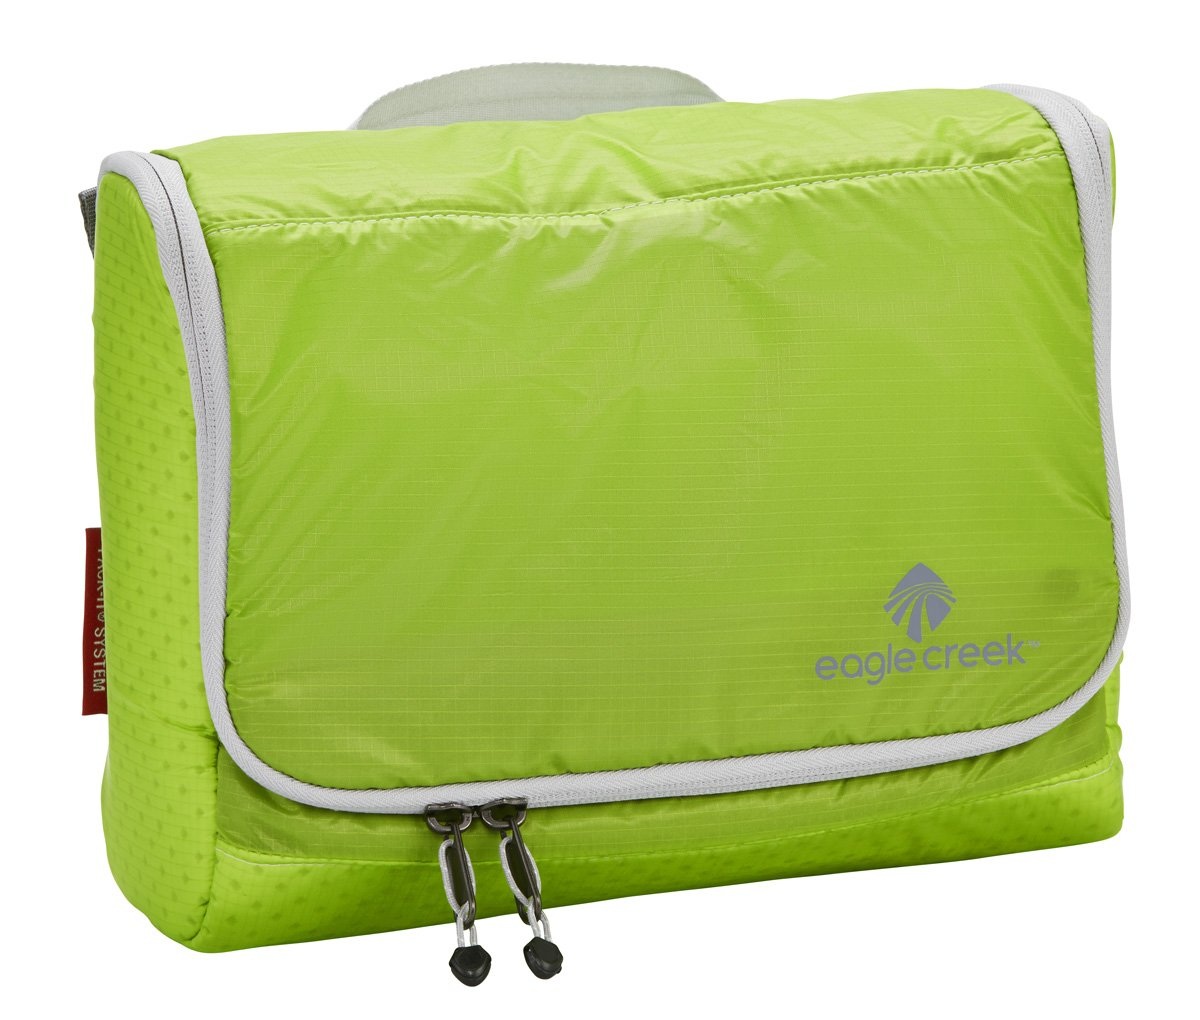 Eagle Creek Travel Gear Luggage Pack-it Specter On Board, Strobe Green